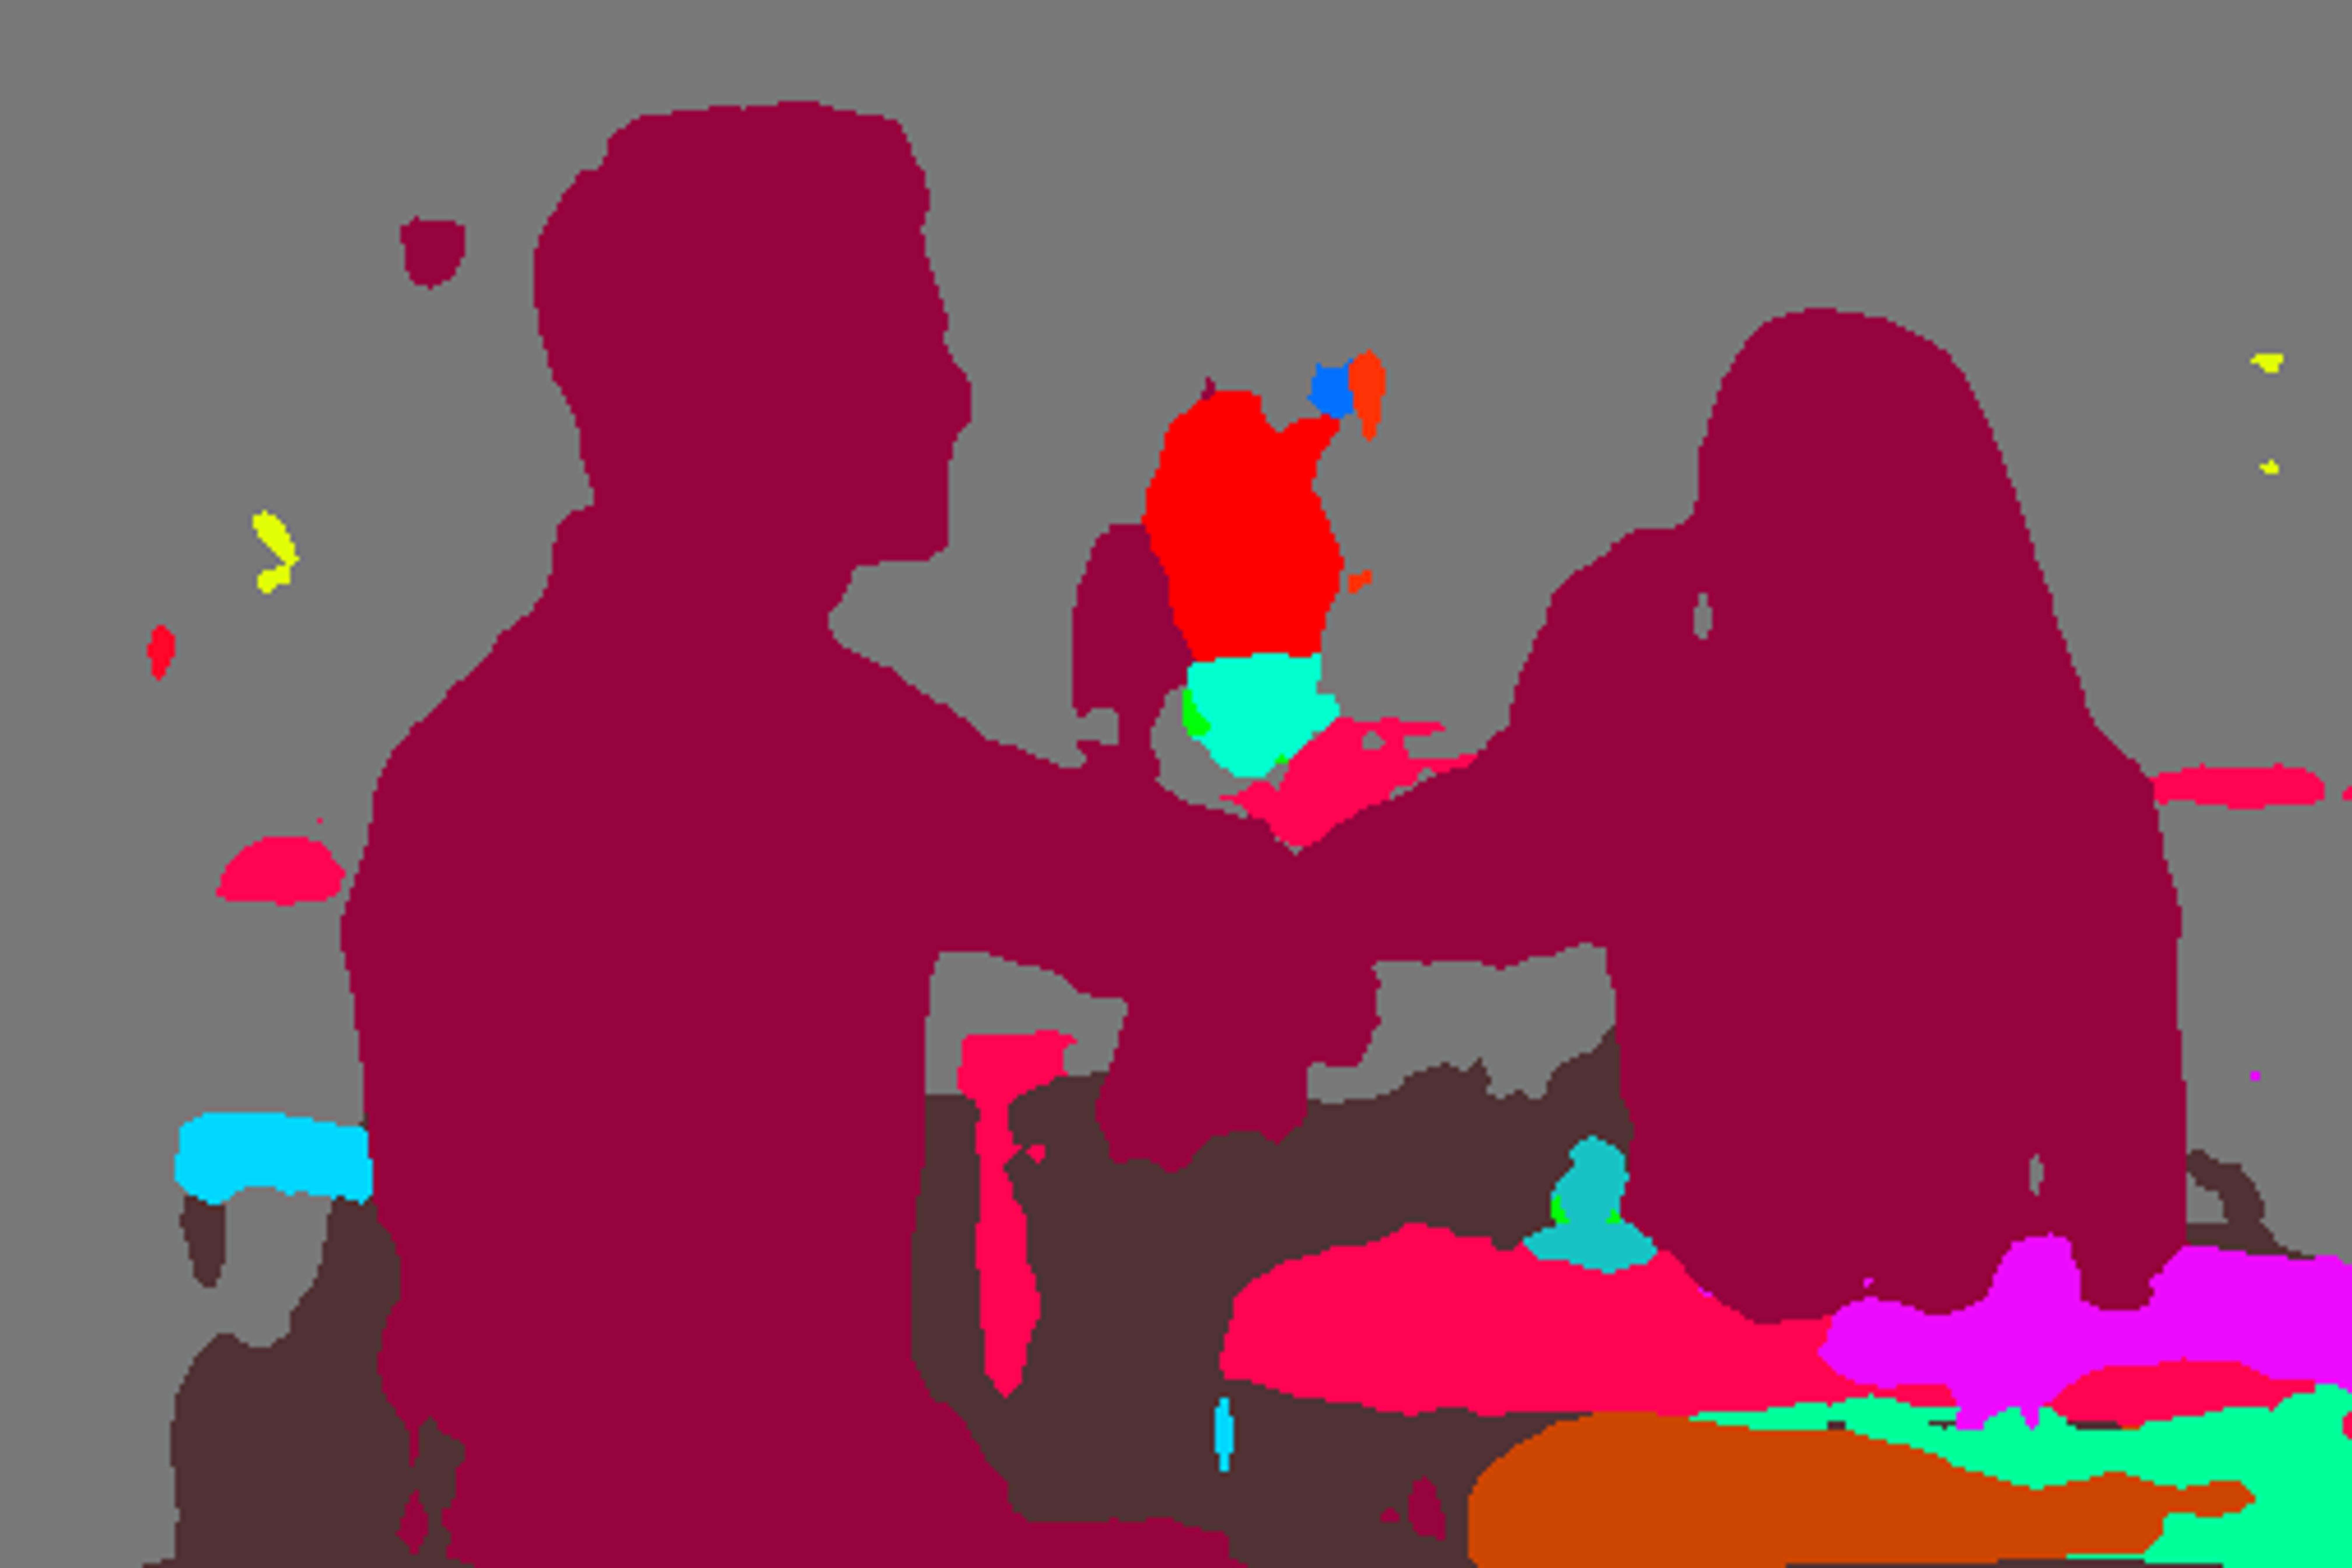 /pixellib-image-and-video-segmentation-maybe-just-a-quick-one-tsz35uu feature image